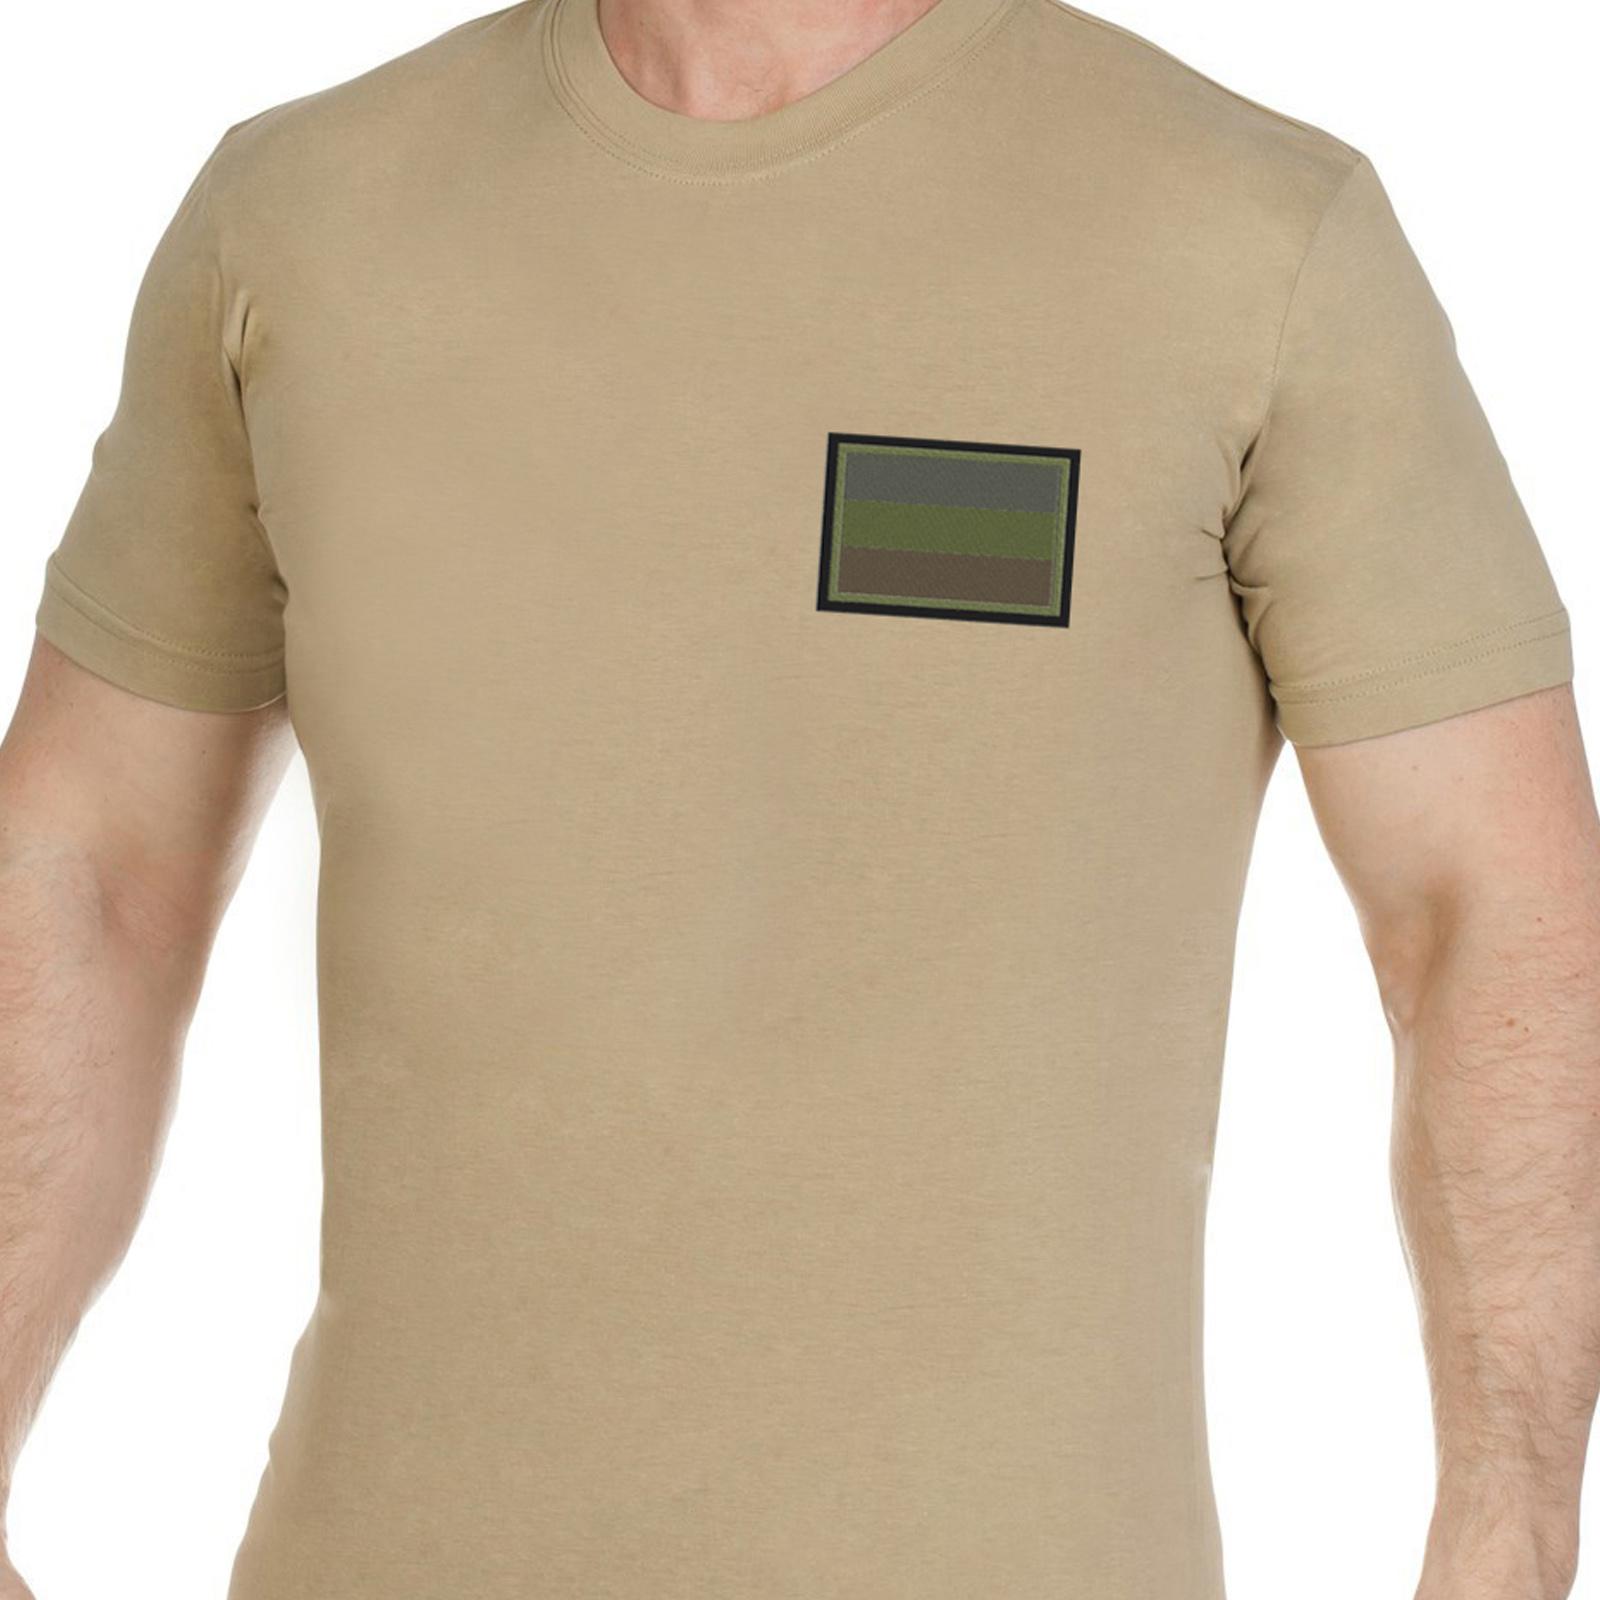 Удобная трикотажная футболка с вышитым полевым шевроном России